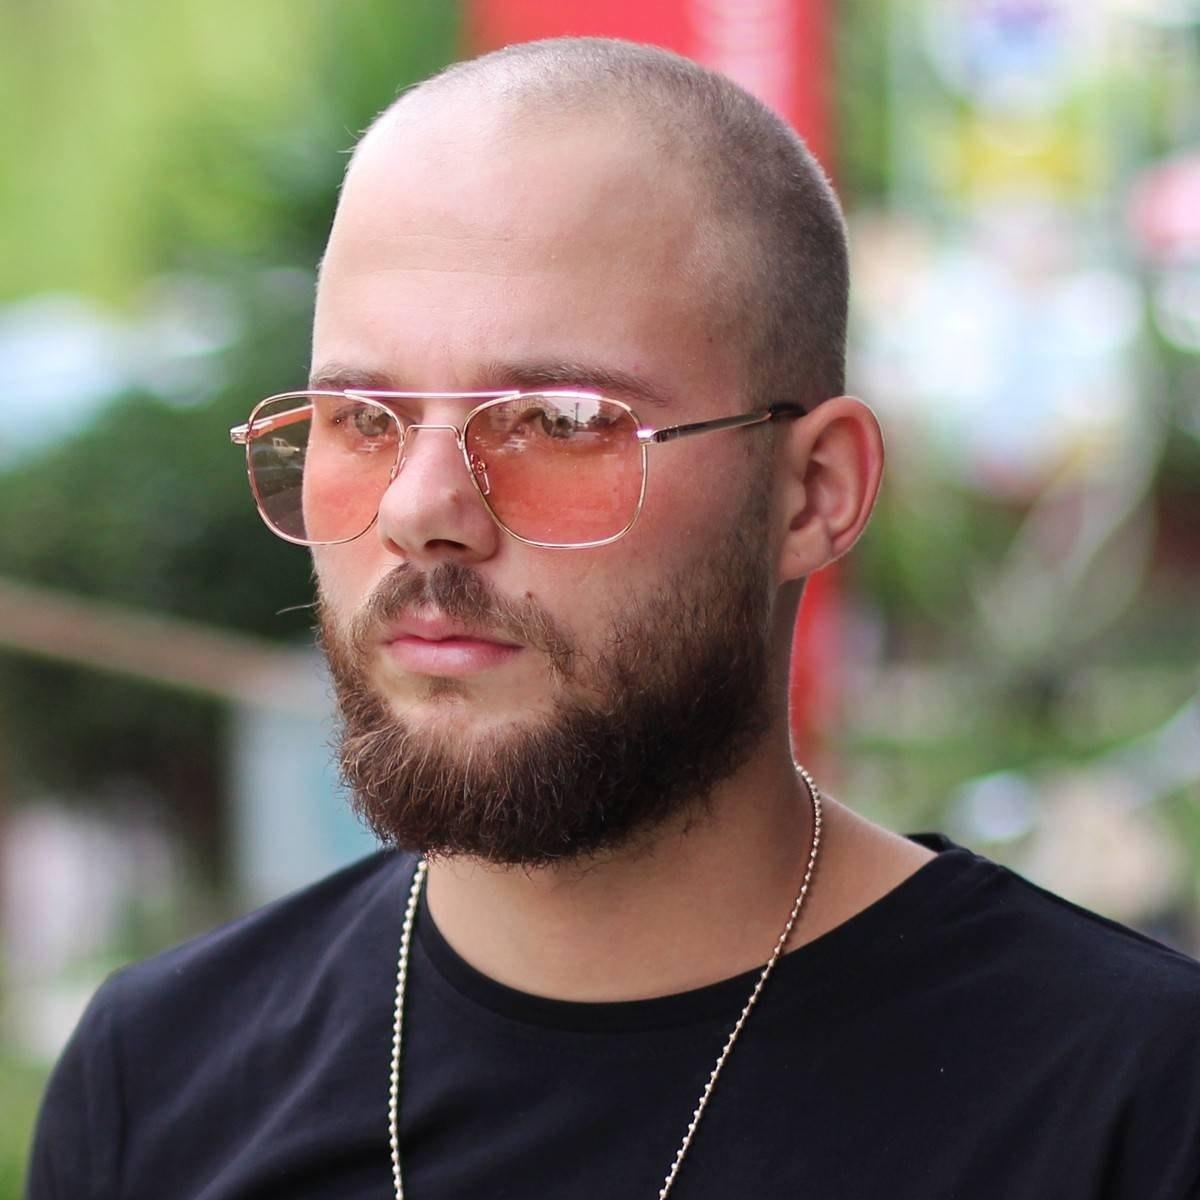 Men's Bridged Retro Sunglasses Pink